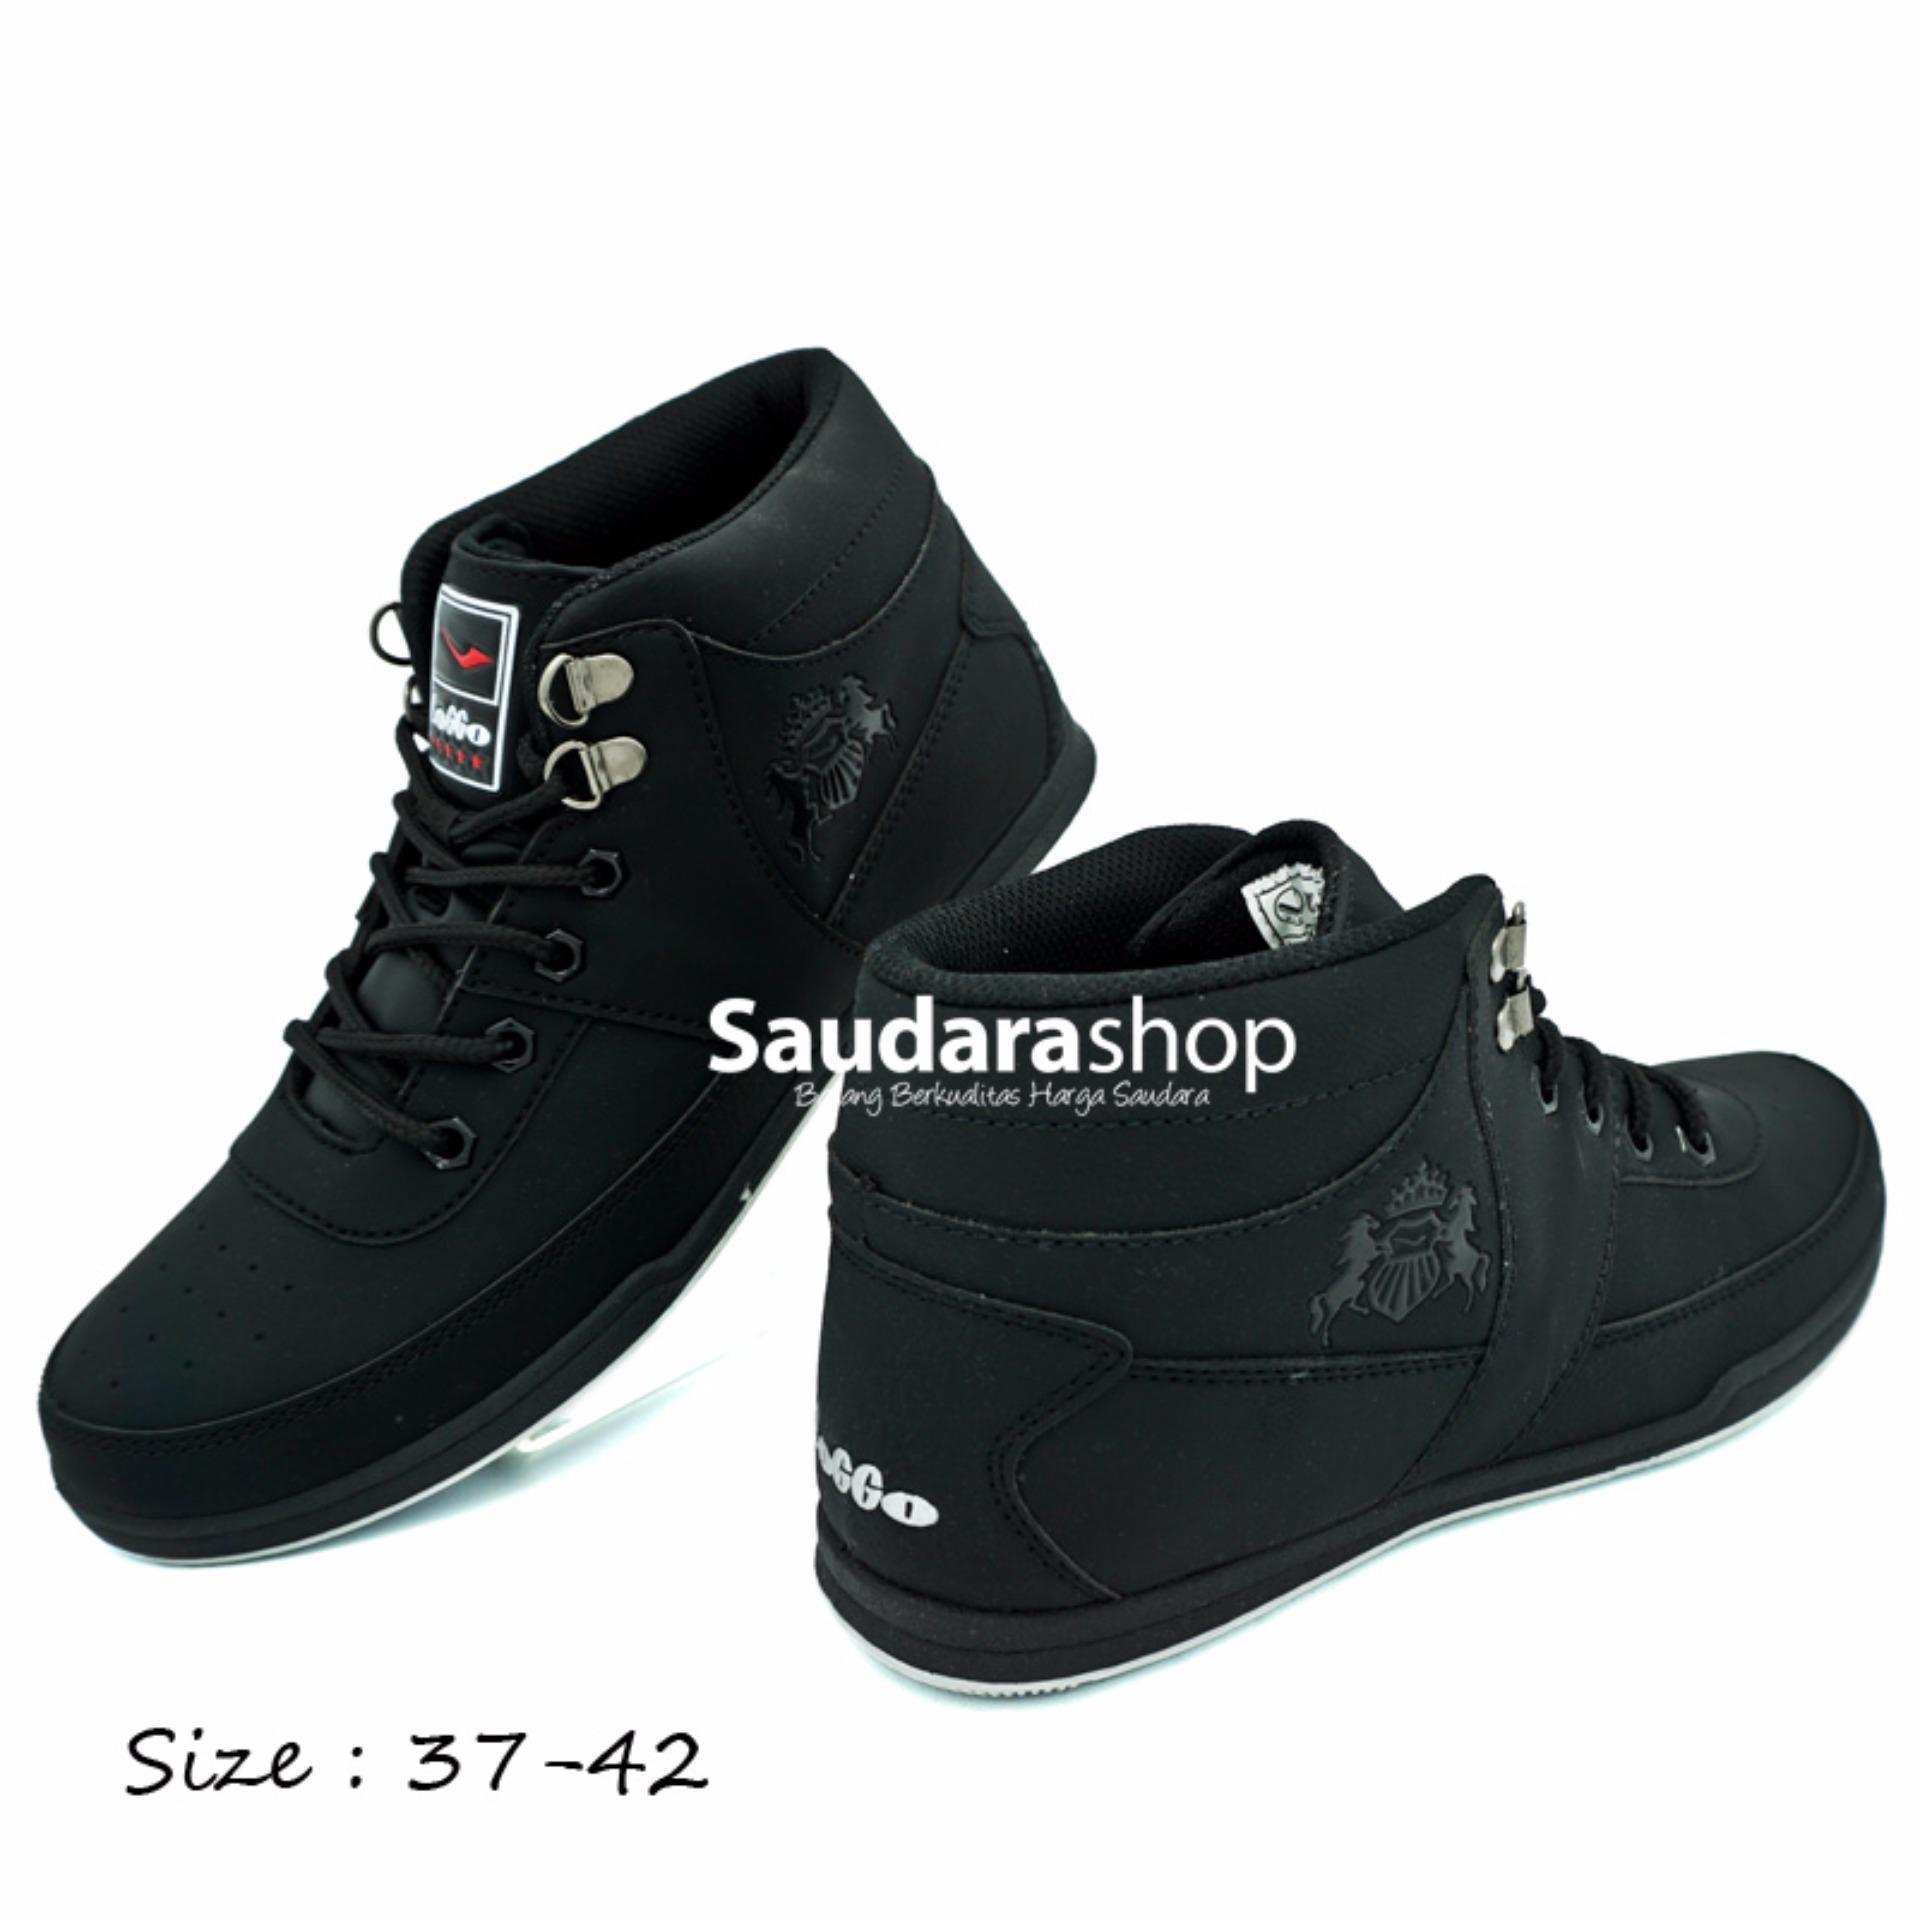 Jual Loggo Tobia Sepatu Sekolah High All Black 37 42 Sepatu Sekolah Tinggi Online Indonesia